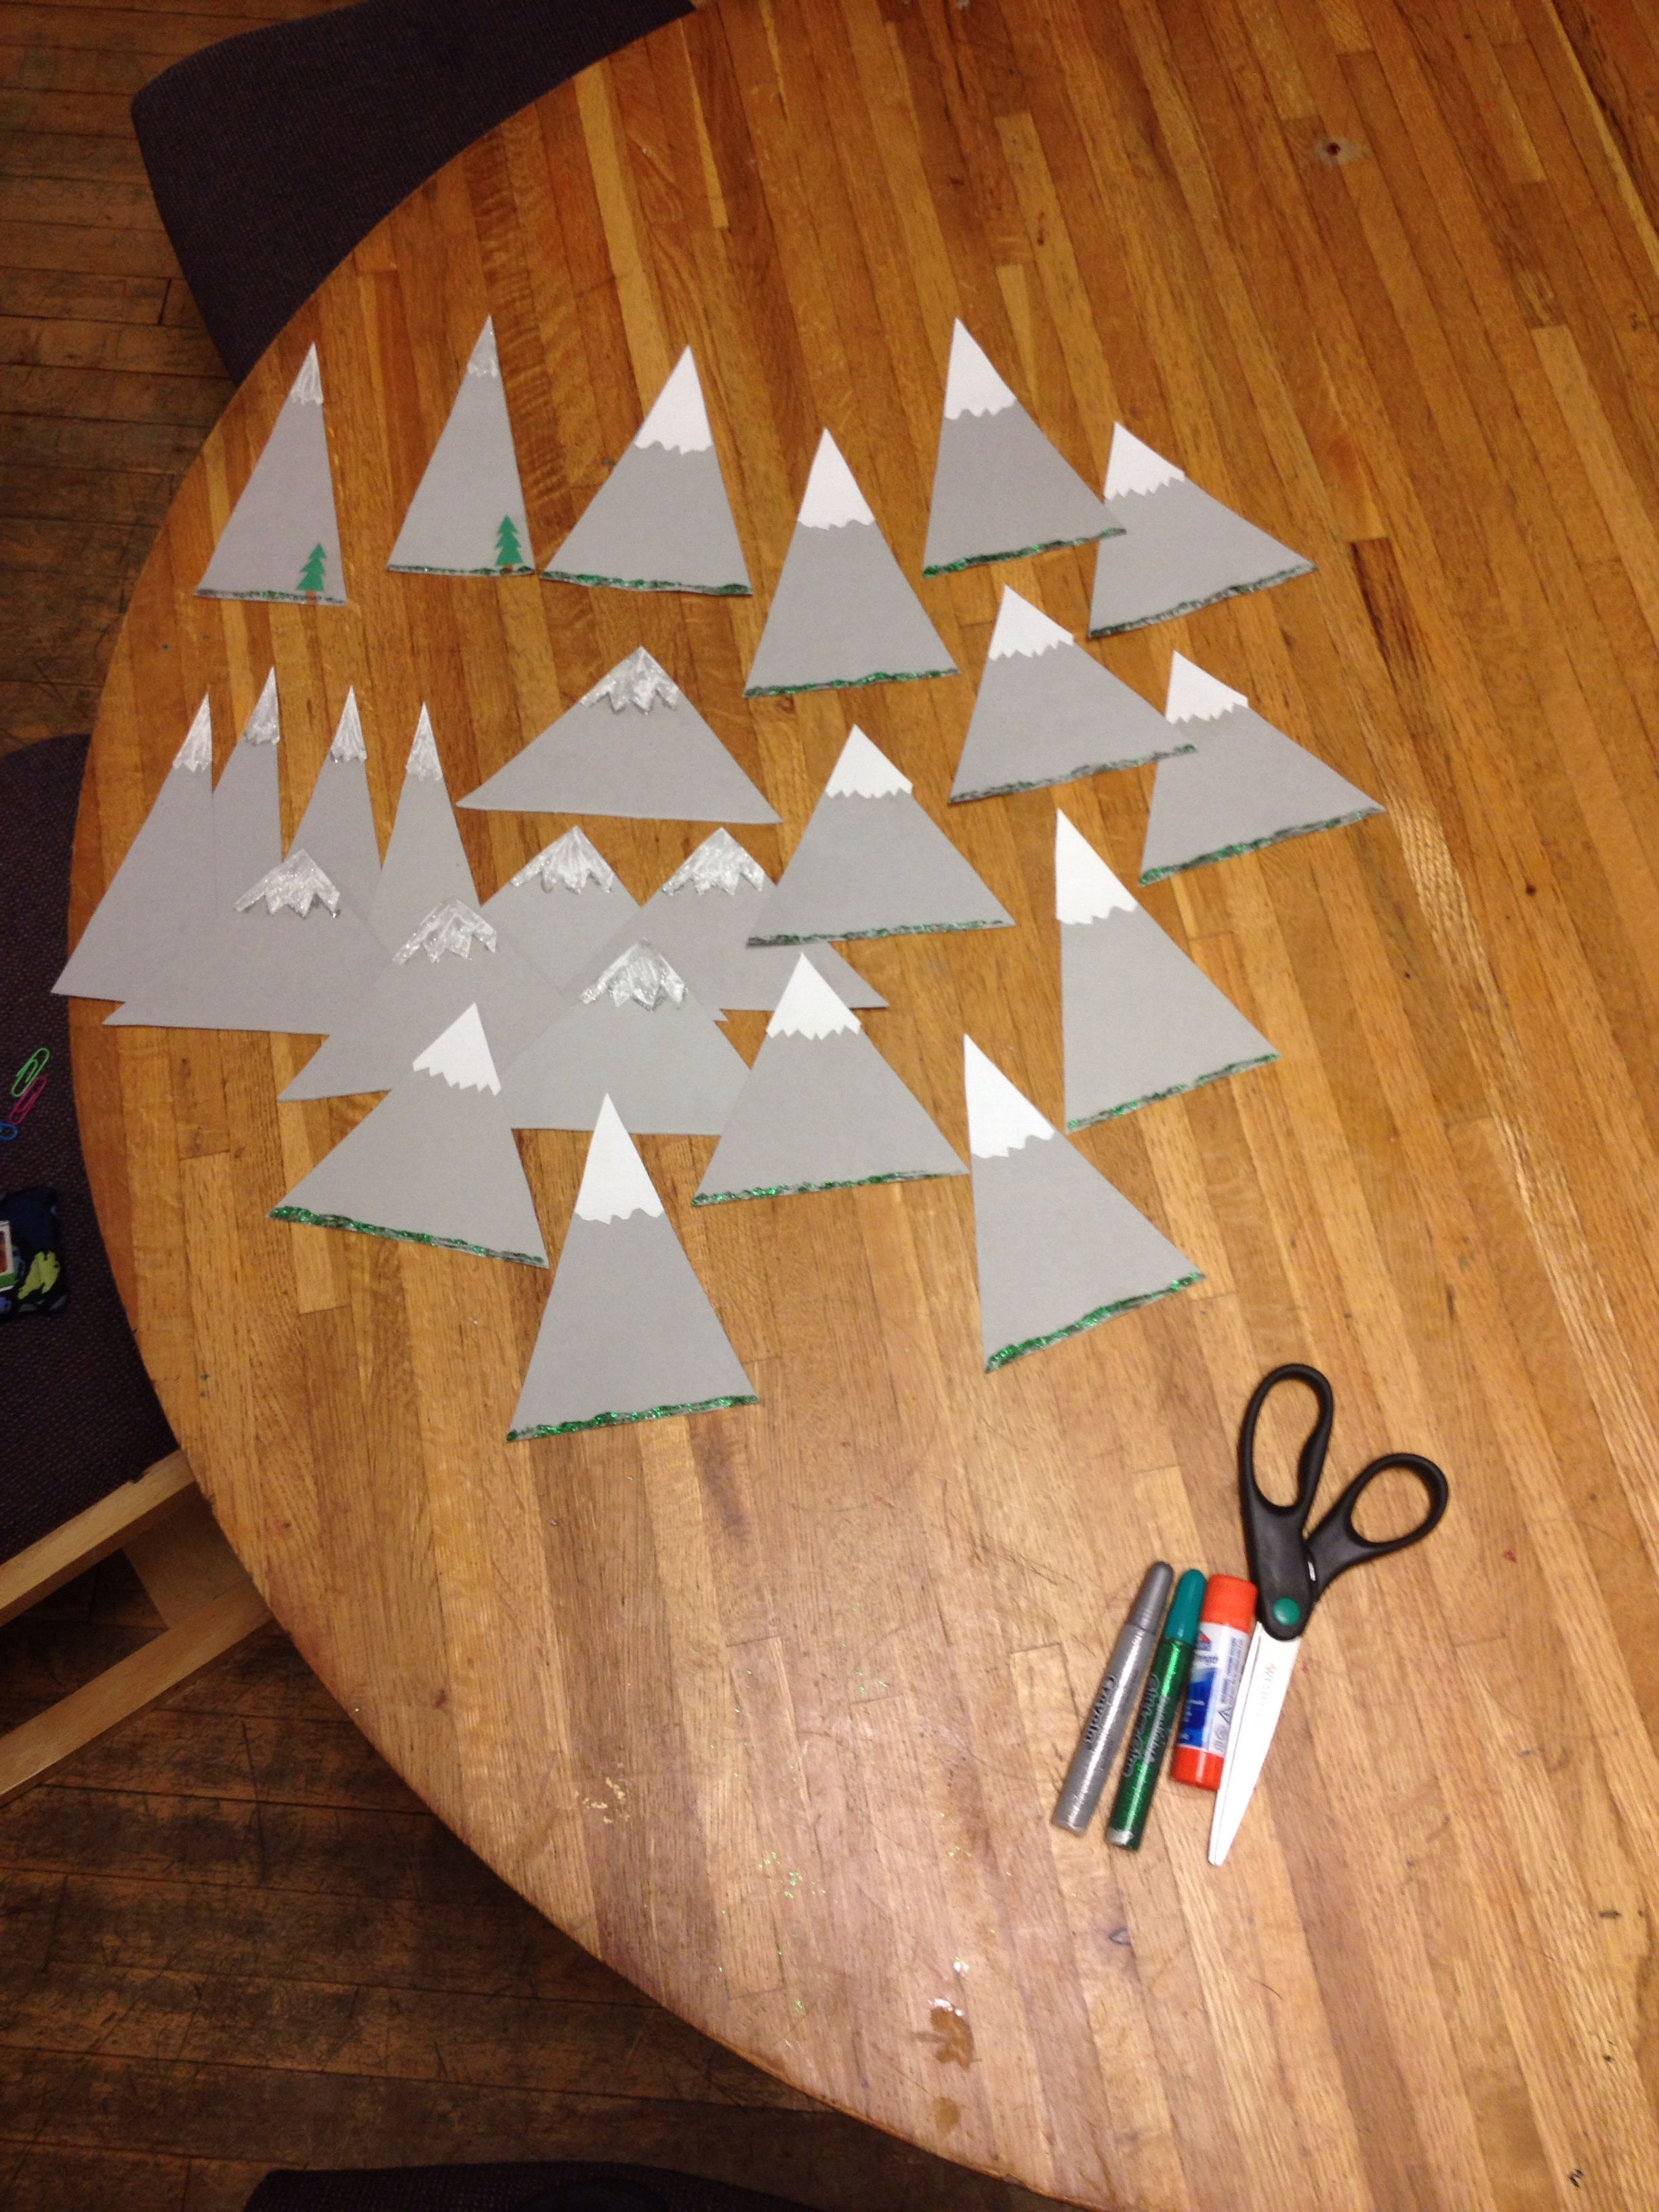 Mountain door decs & Mountain door decs | R A | Pinterest | Door decs Mountains and Doors Pezcame.Com